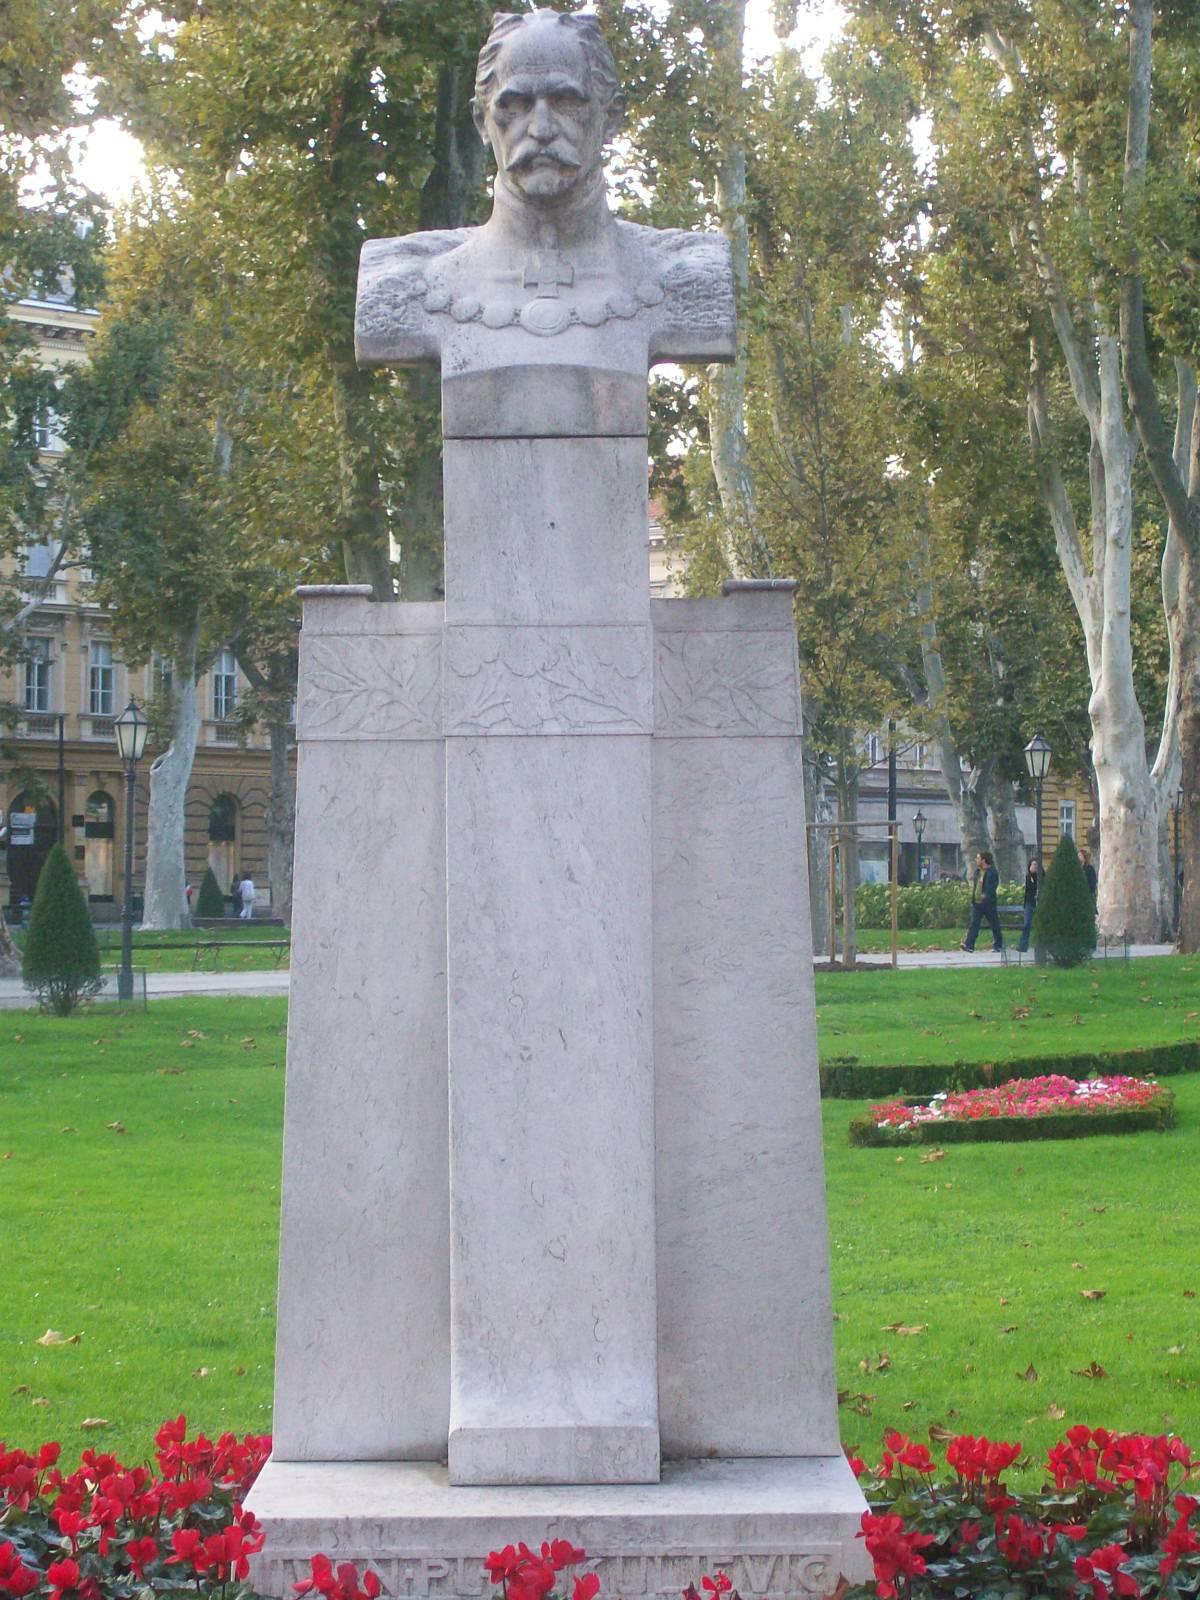 Statue of Ivan Kukuljević Sakcinski in [[Zagreb